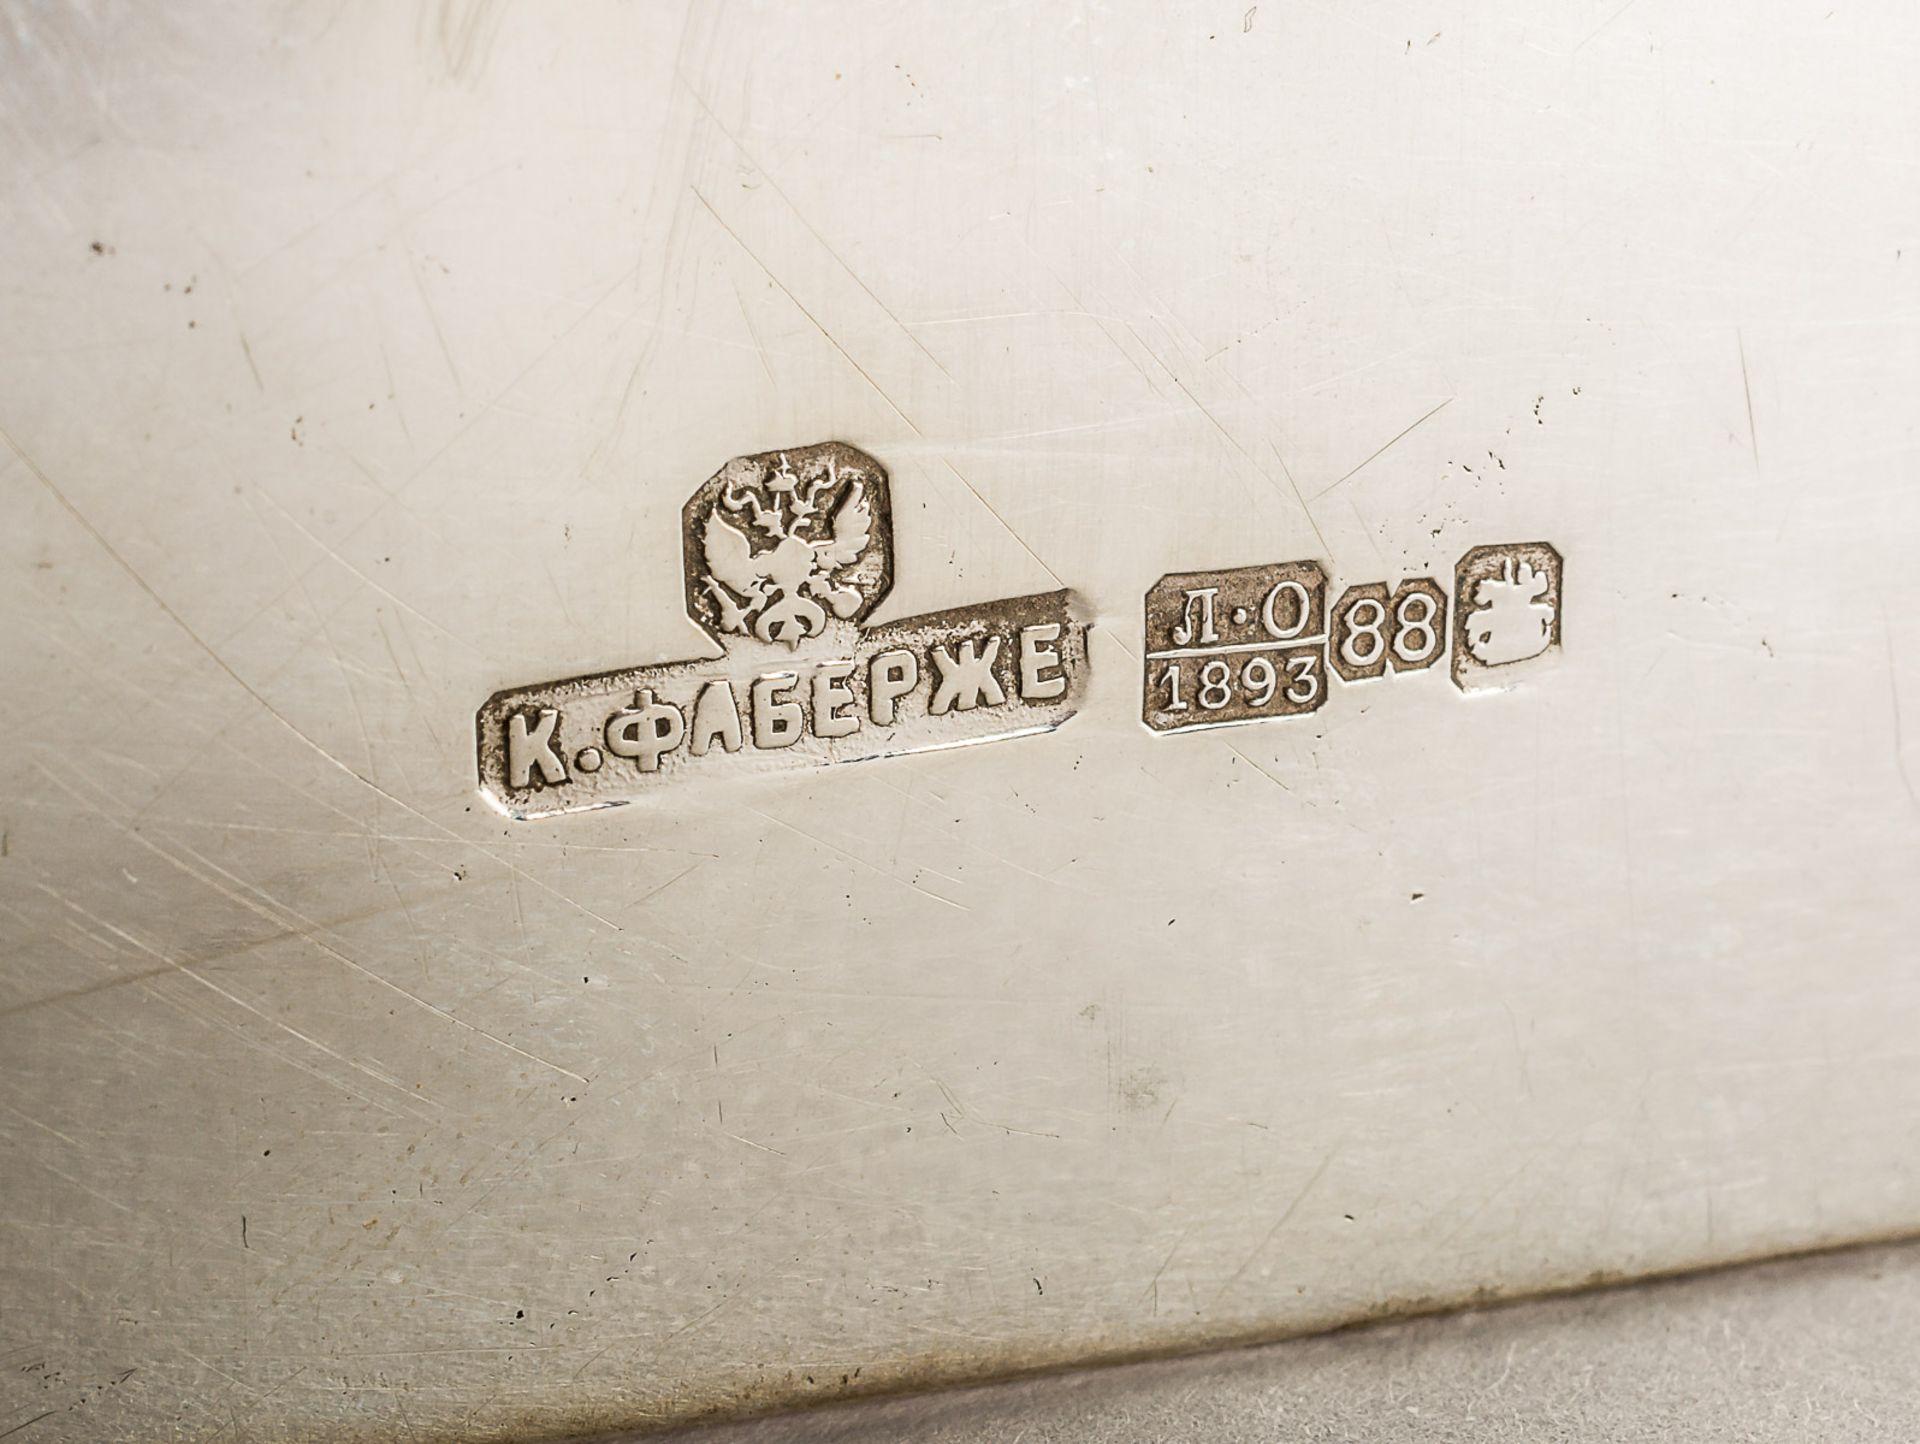 GROSSE ZIGARETTEN- UND ZIGARREN-BOX MIT MONOGRAMM UND DATUM 1. NOVEMBER 1893 - Bild 3 aus 5